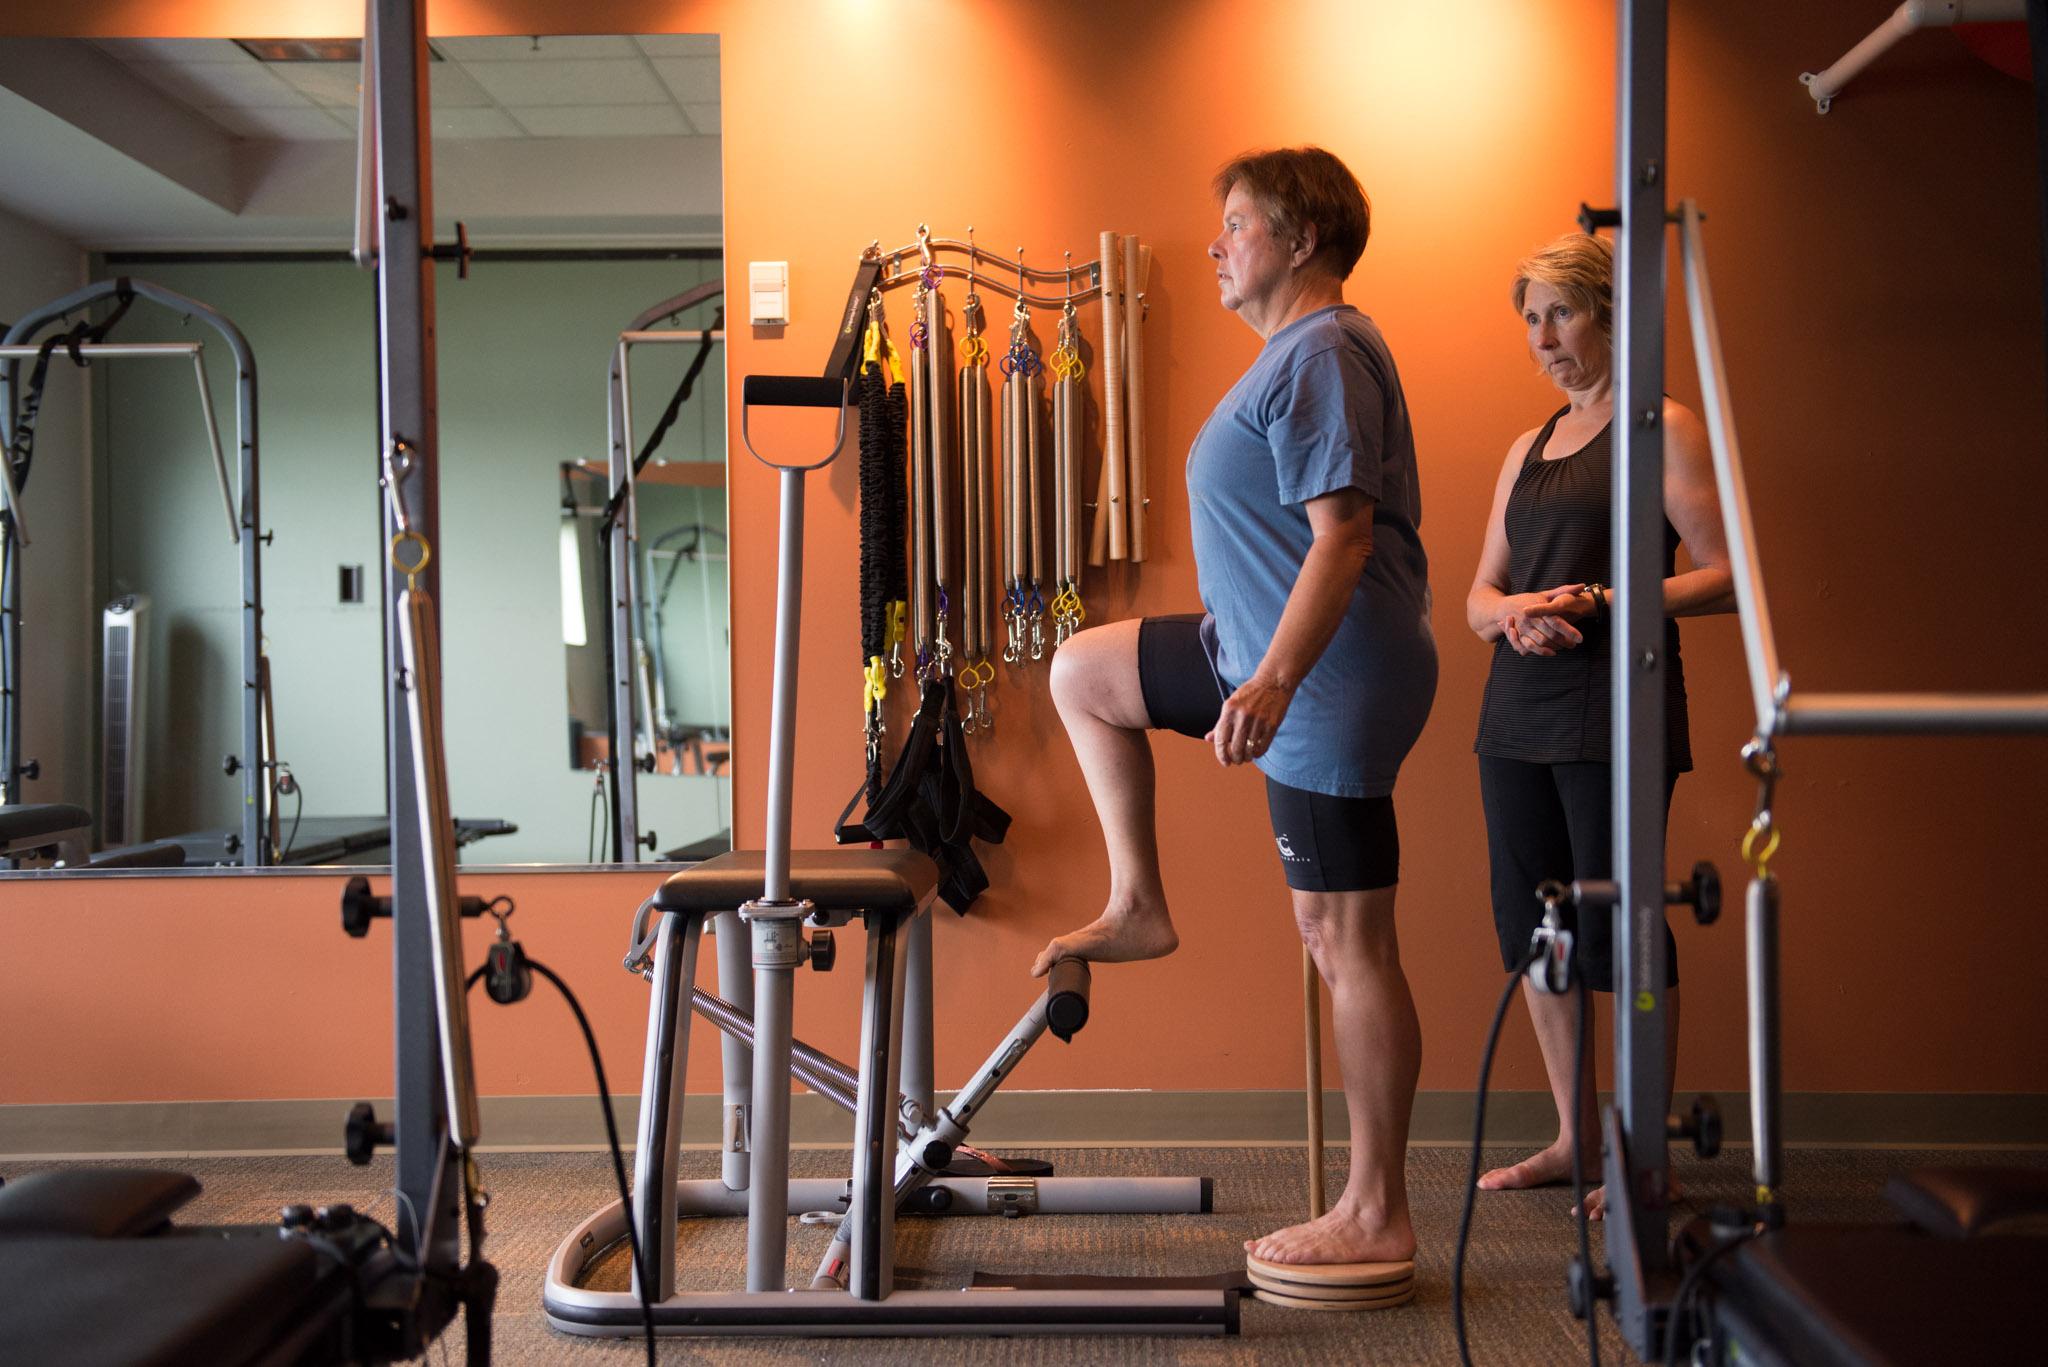 Wellness Center Stock Photos-1392.jpg